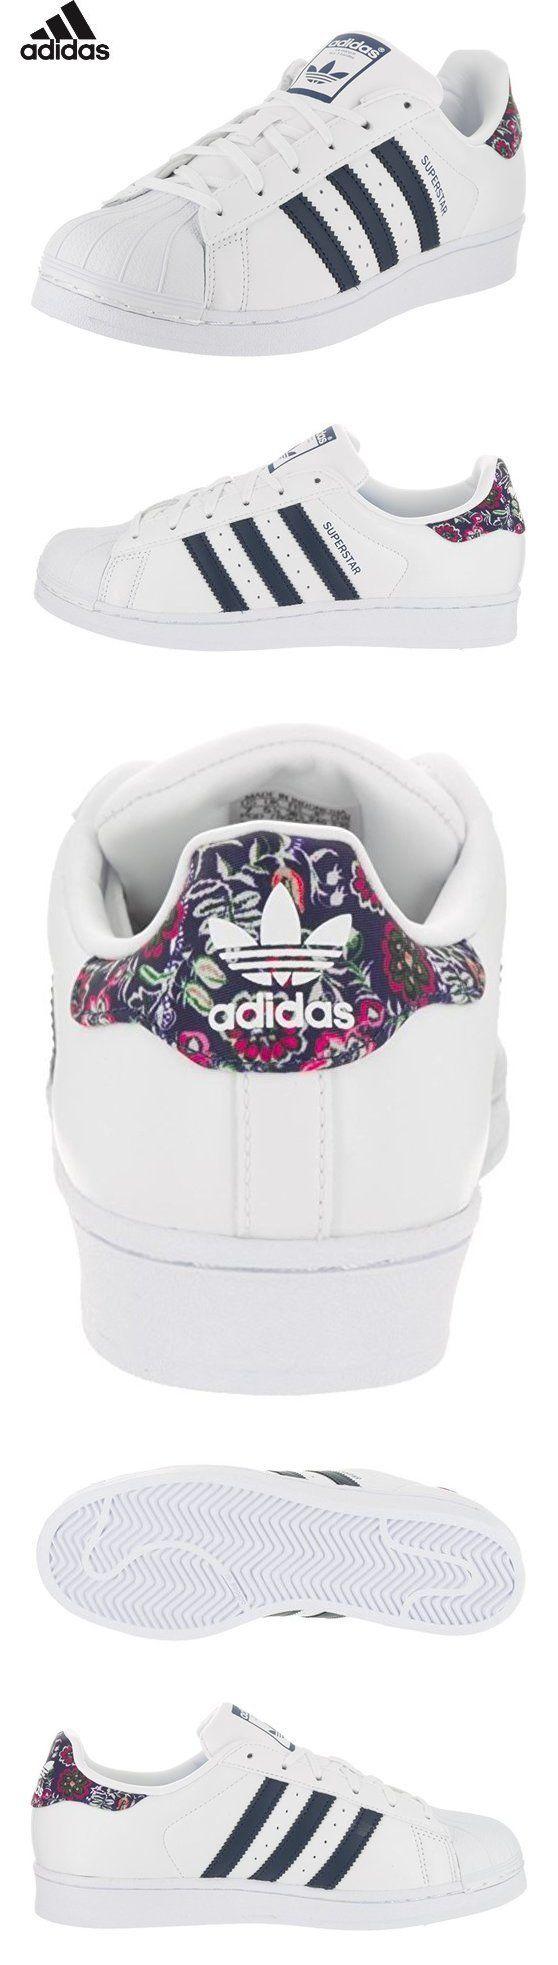 112 scarpe più belle immagini su pinterest adidas, scarpe da tennis e allenatori